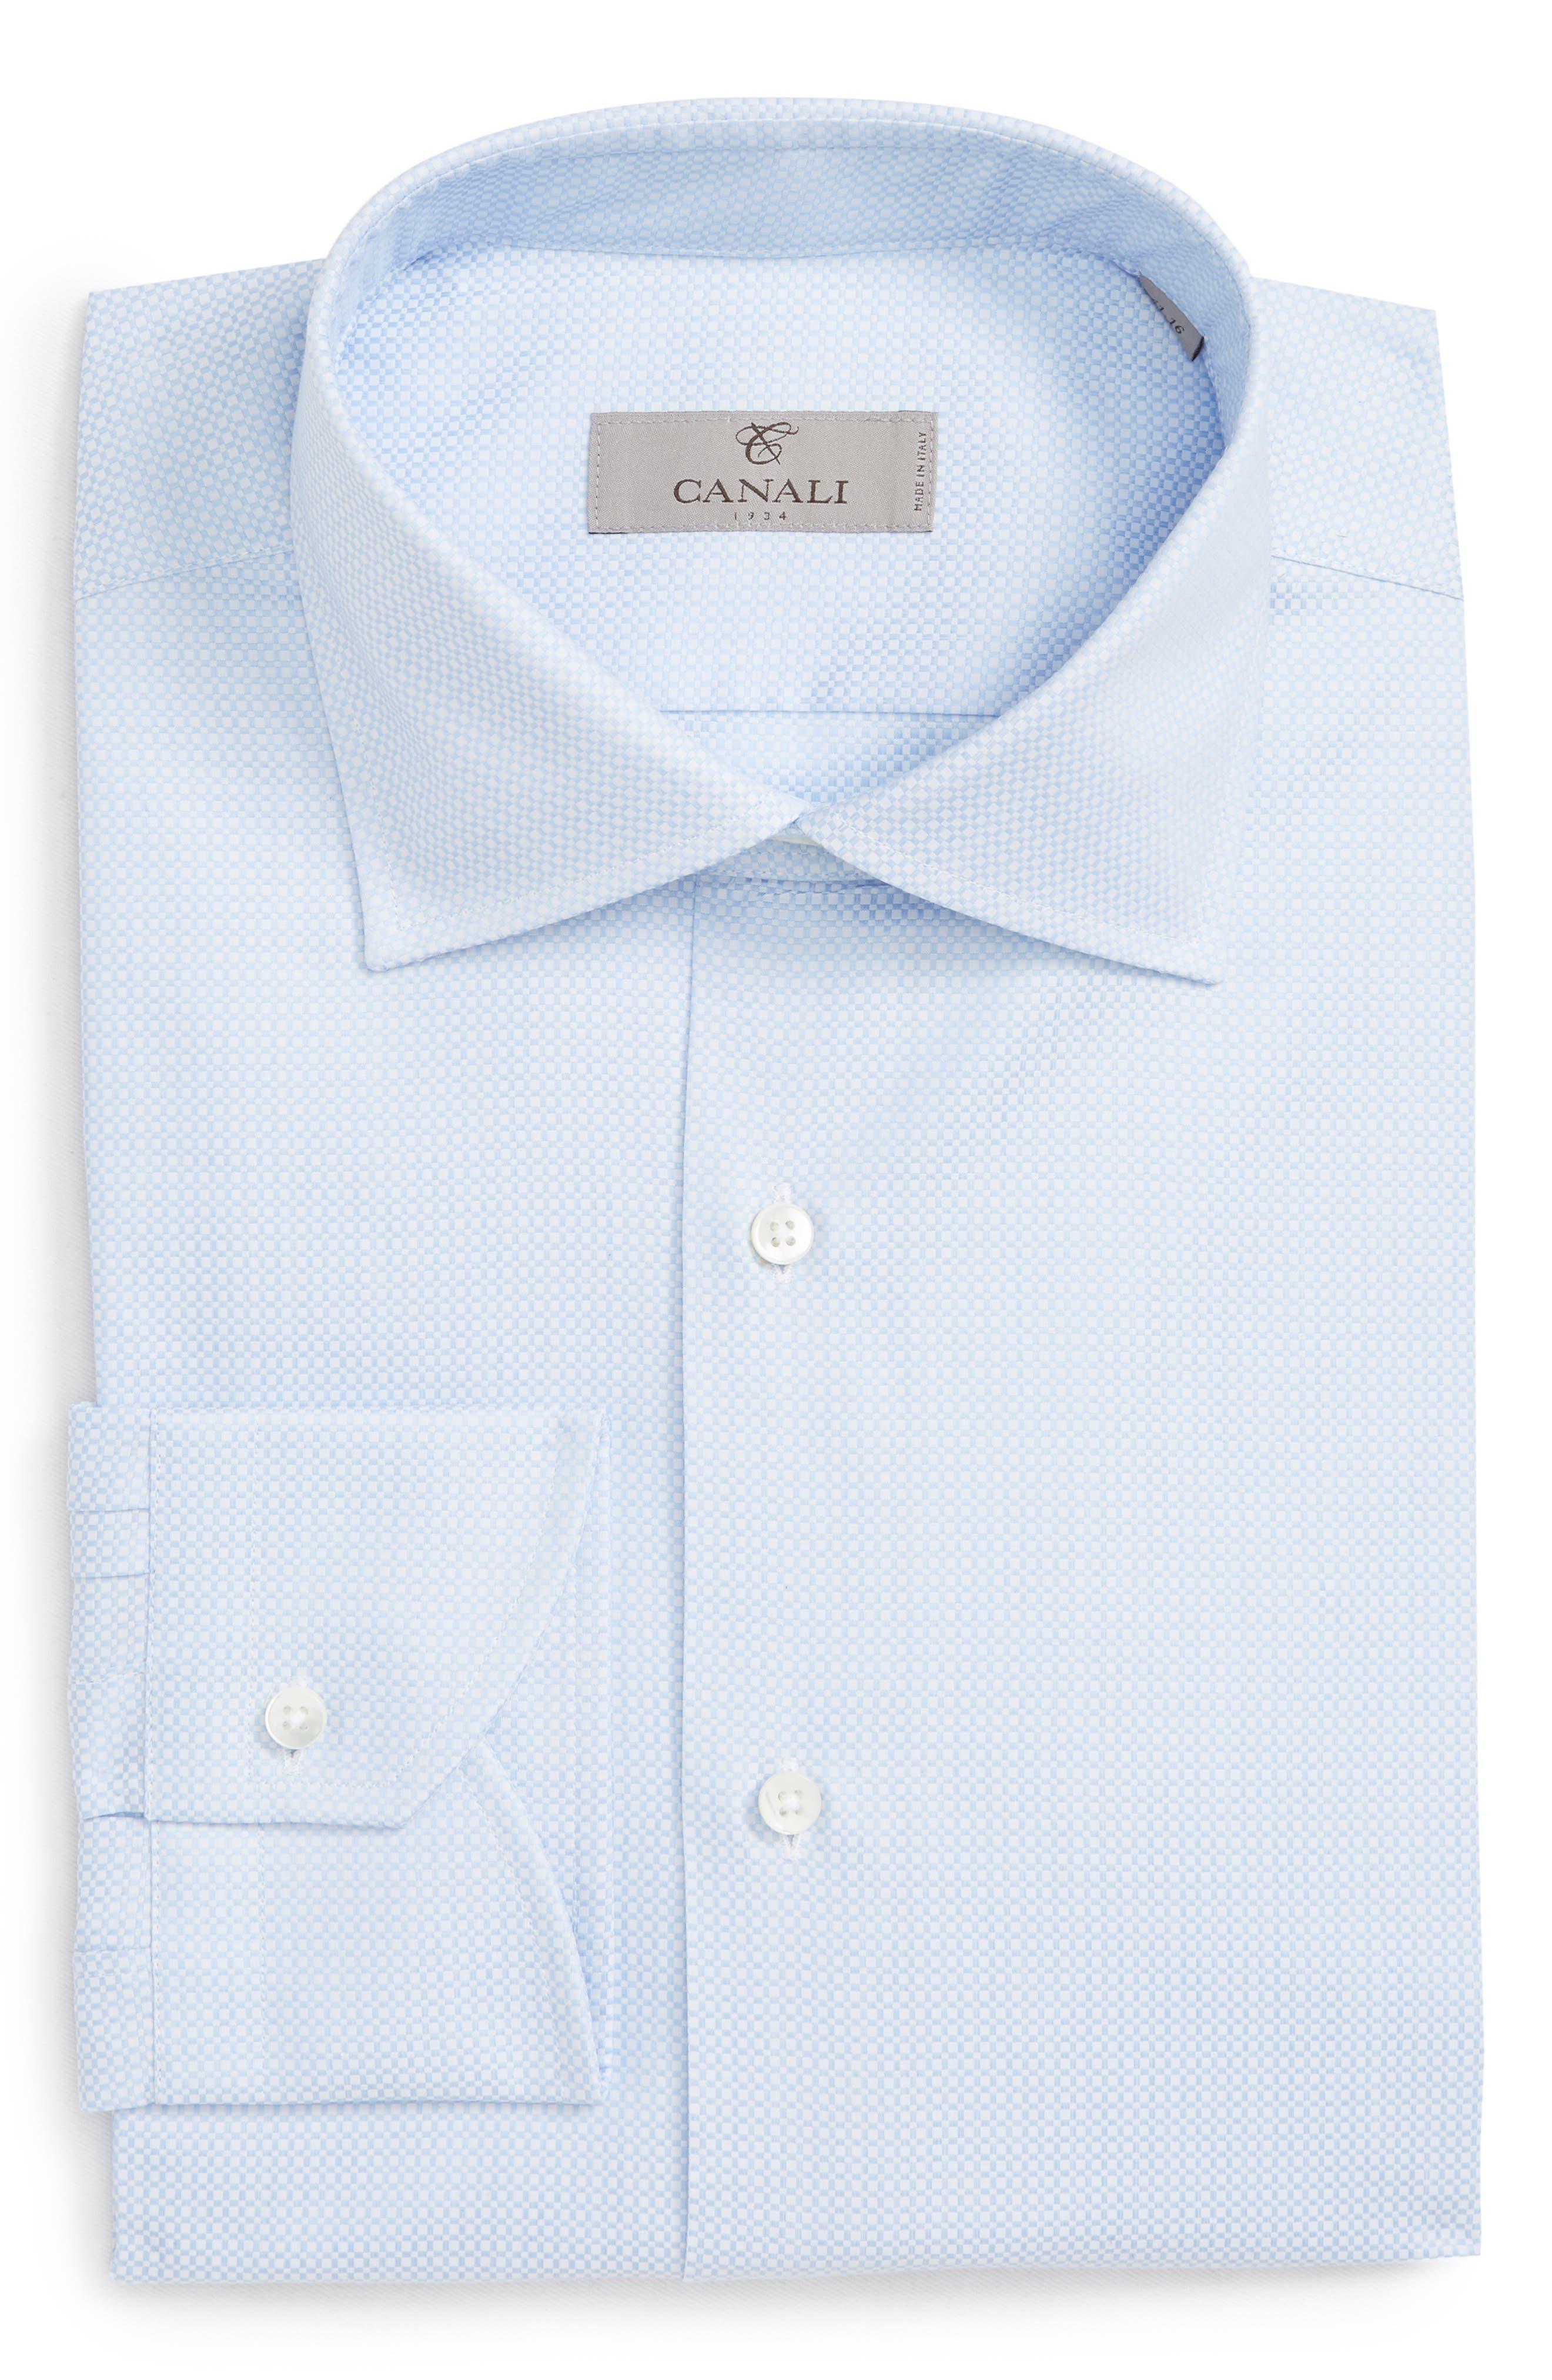 Trim Fit Geometric Dress Shirt,                             Alternate thumbnail 5, color,                             LIGHT BLUE